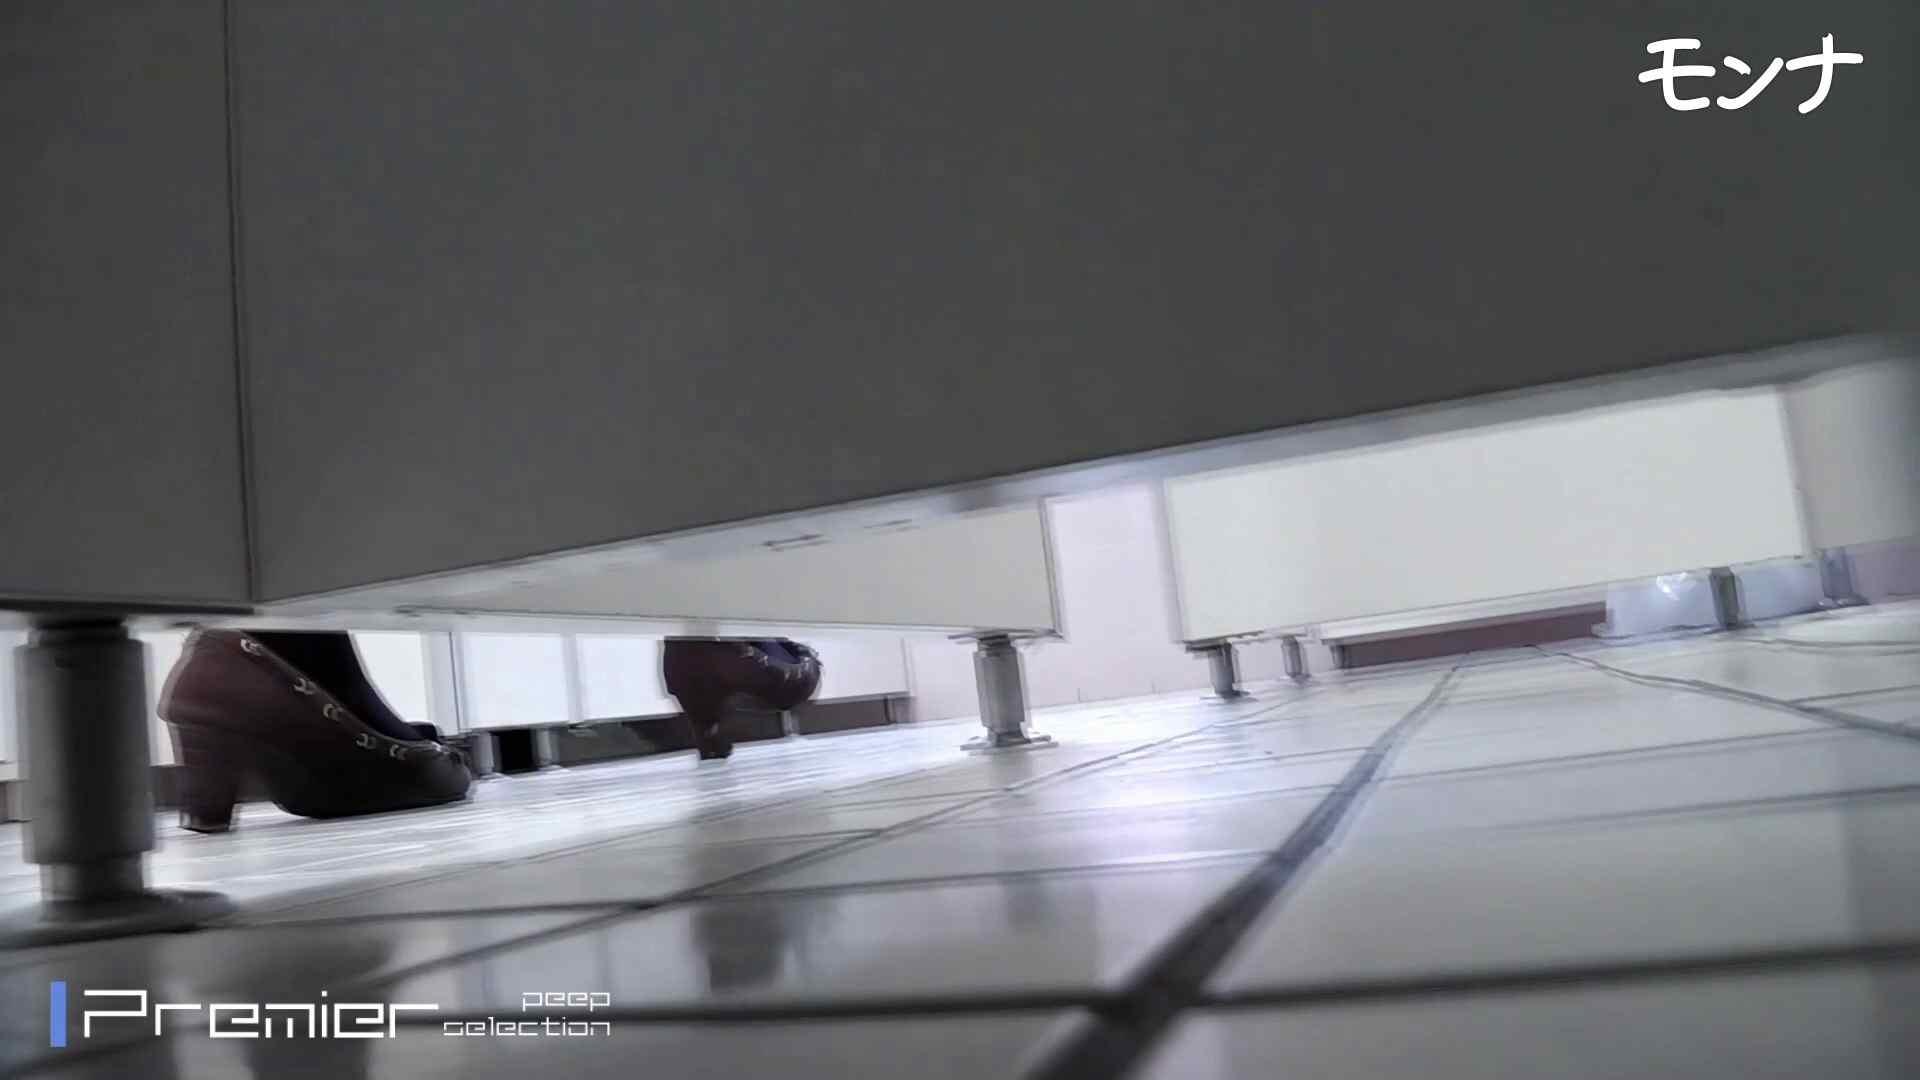 CM 悶絶シリーズ5 【美しい日本の未来 No.128】 ギャル盗撮映像 のぞき動画画像 100PIX 6